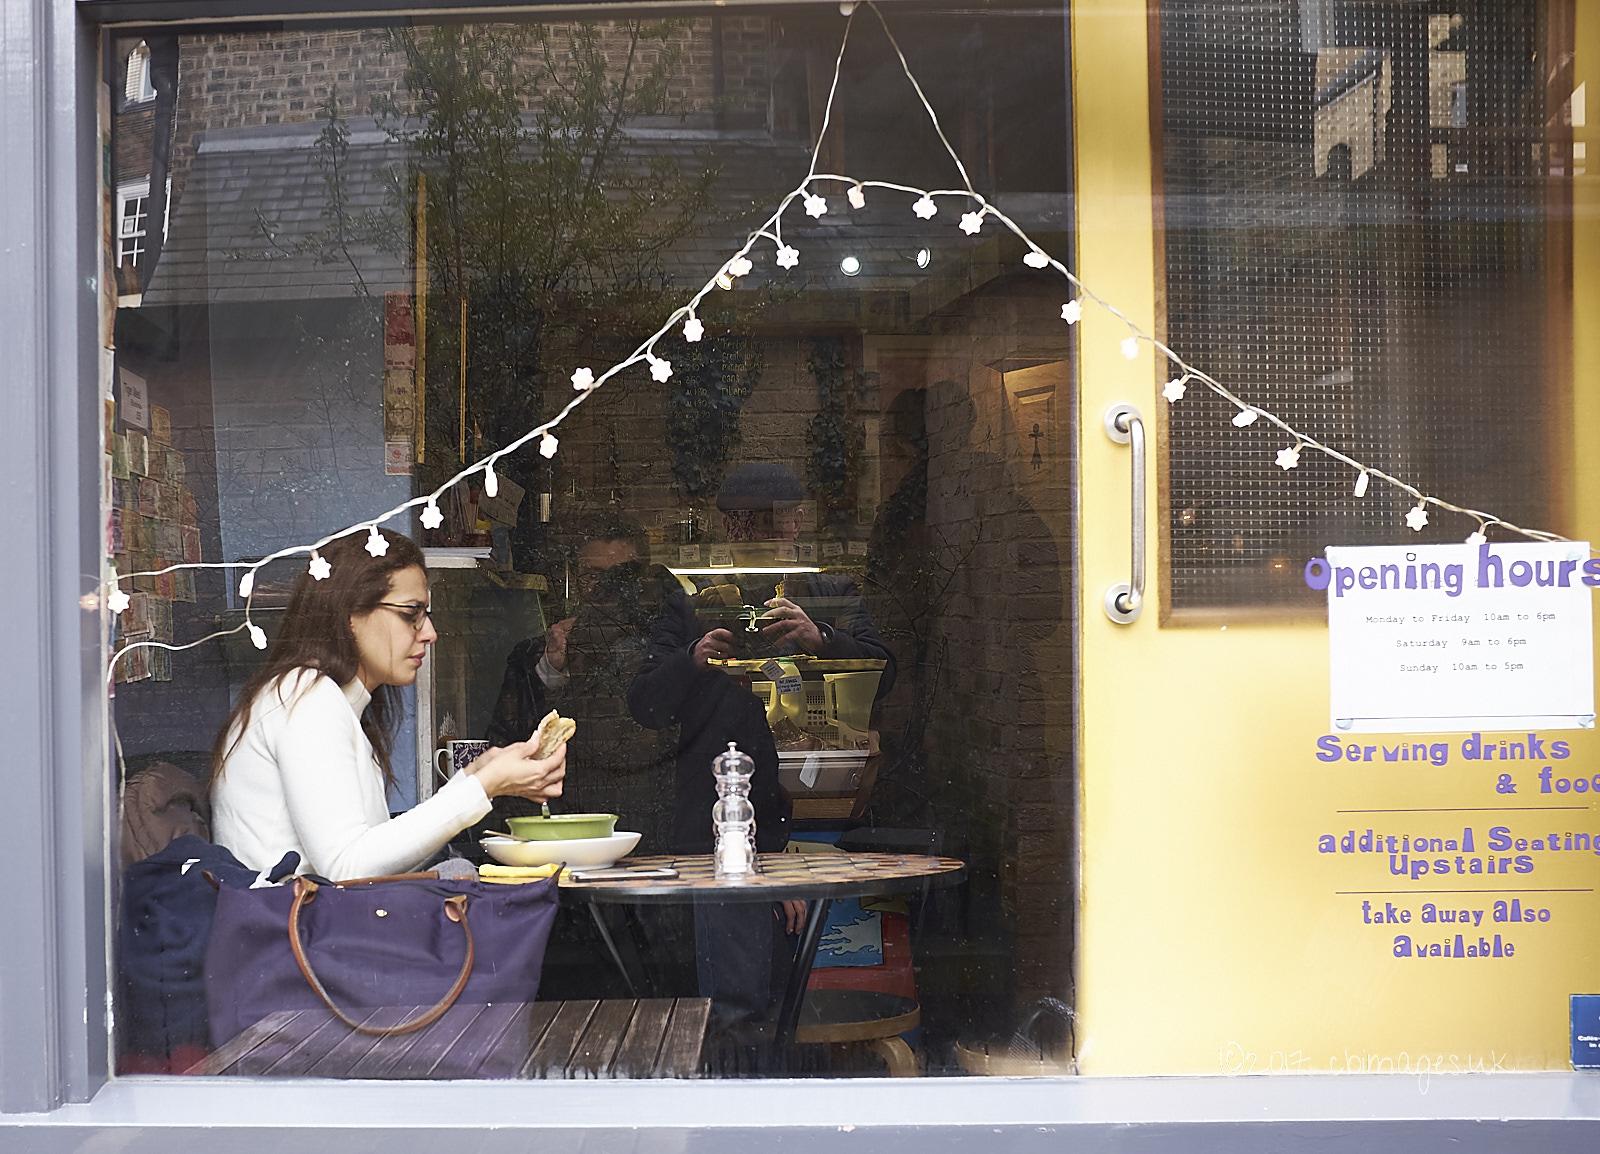 Lady in window of café